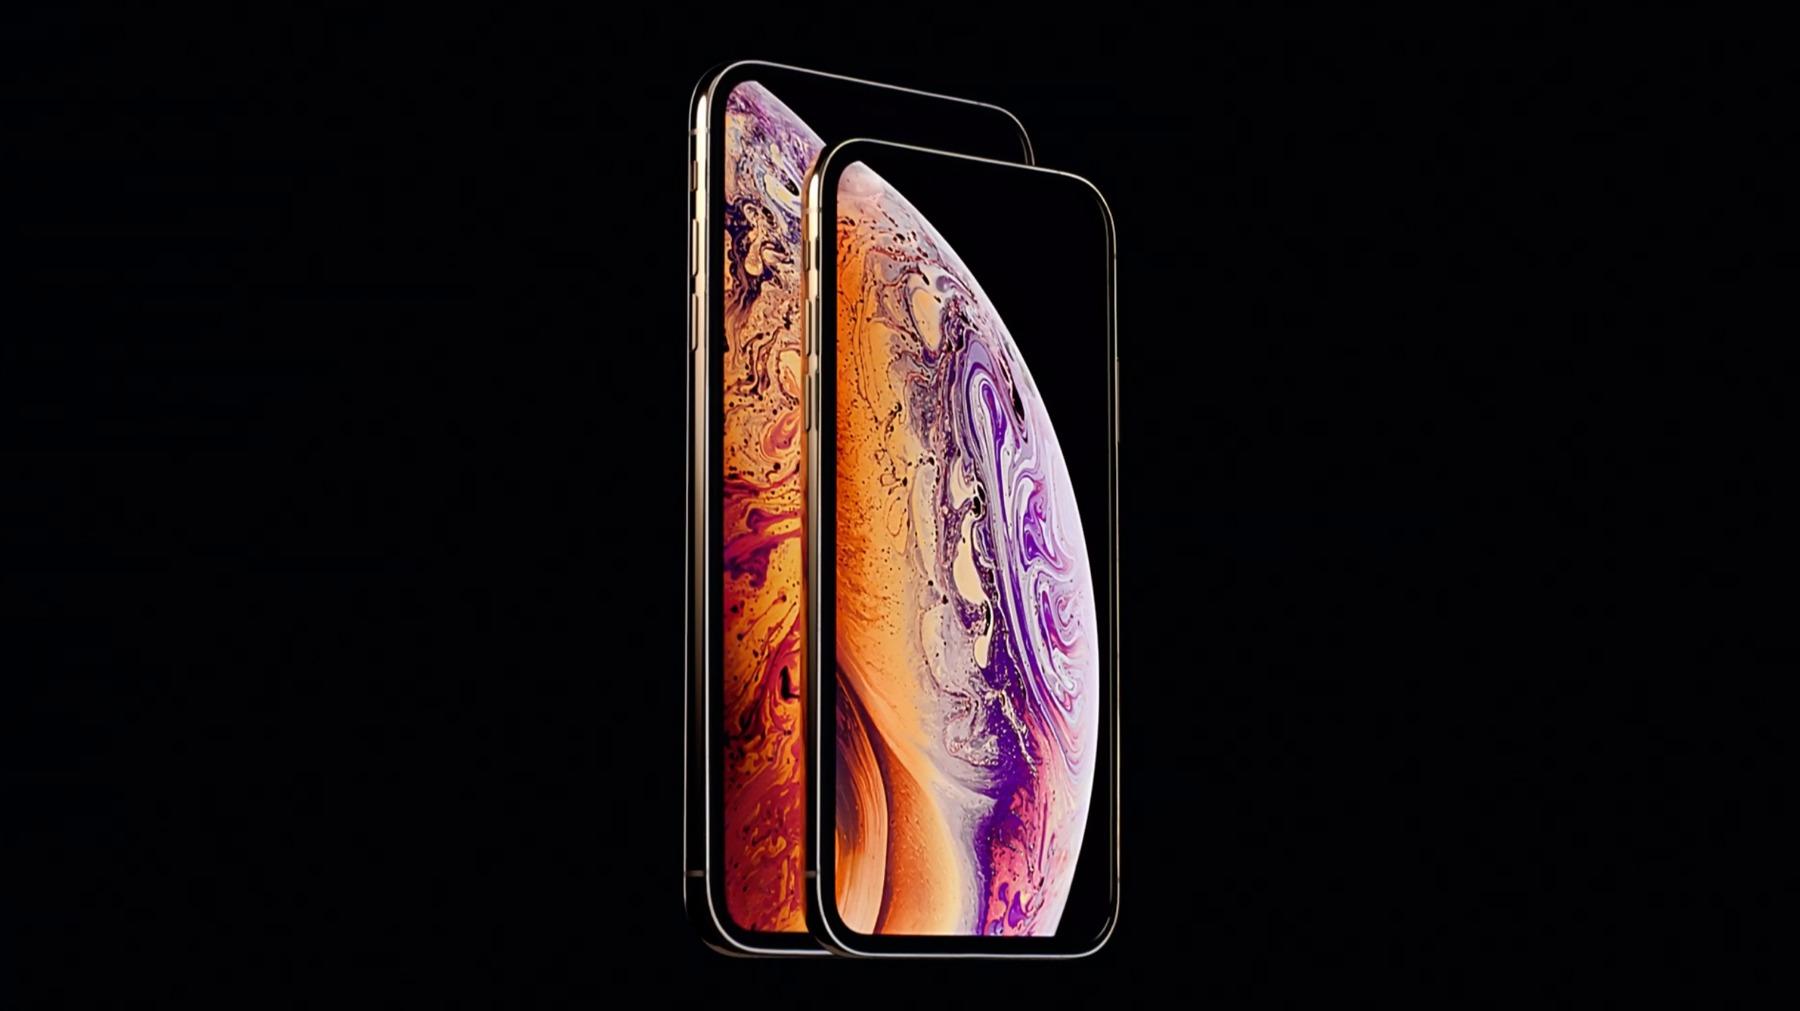 僕が「iPhone X」から「iPhone XS Max」へ買い換える5つの理由